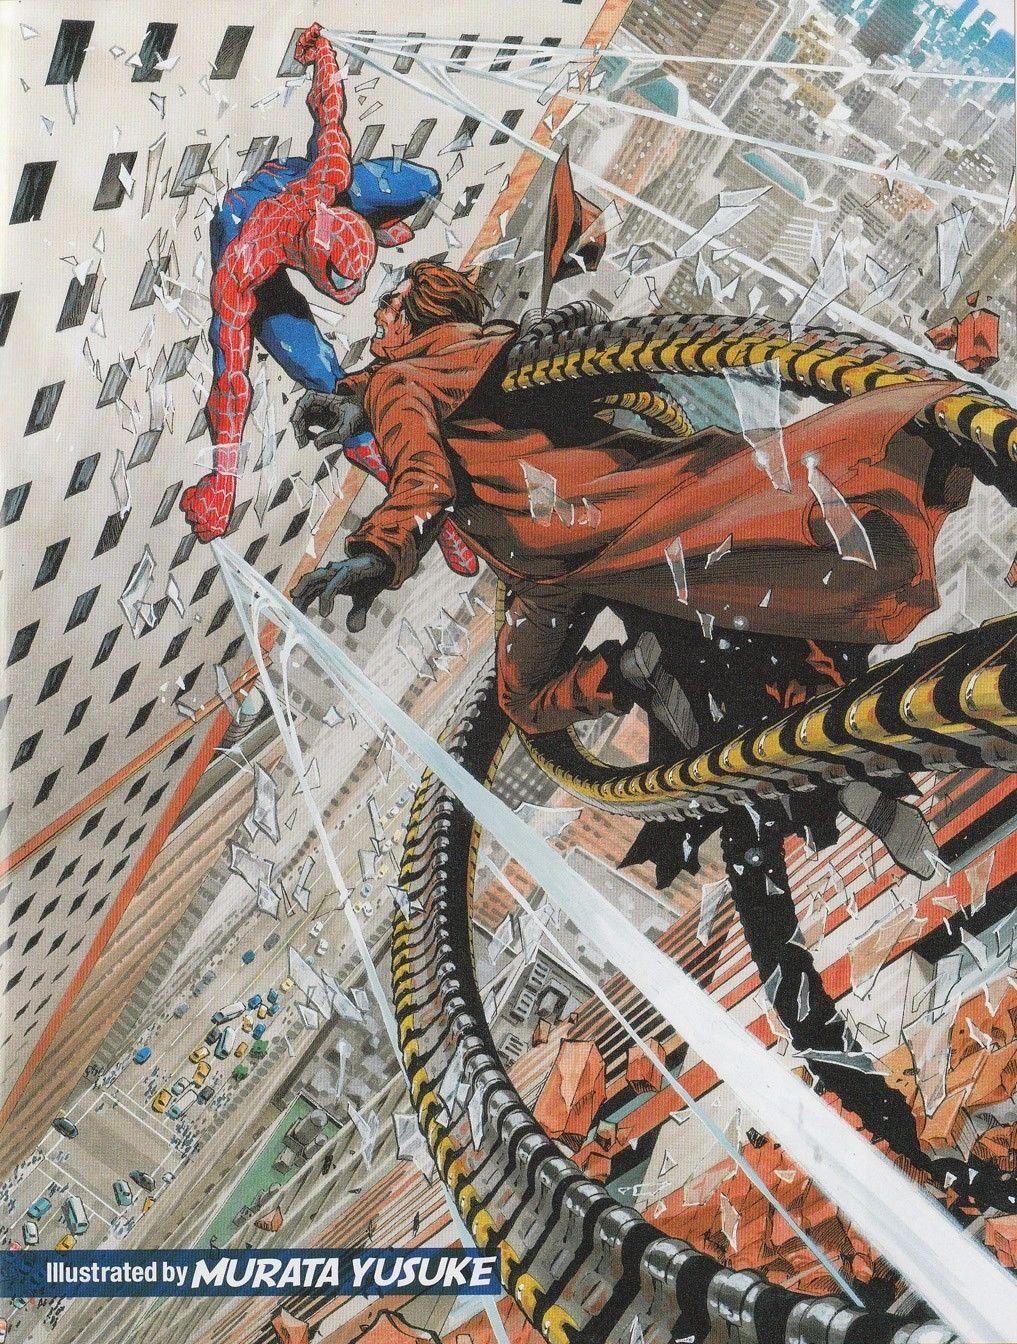 超人vs蜘蛛侠_《一拳超人》作者最新美漫英雄手绘图,画功惊人!